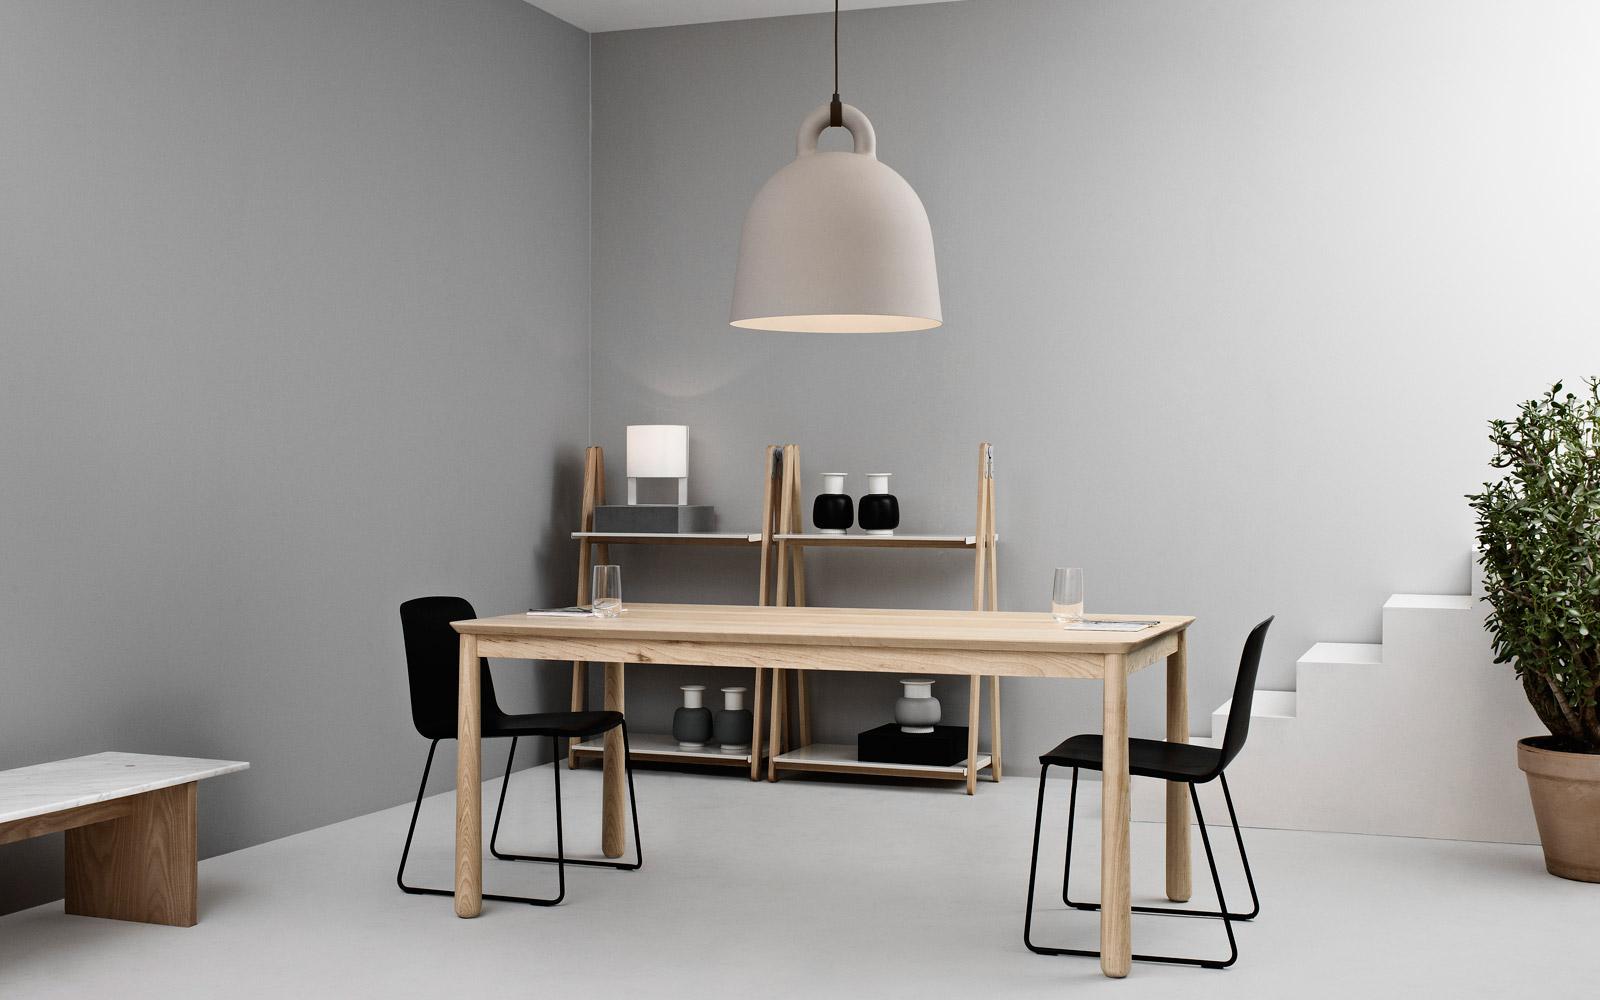 bell la lampada dalla forma iconica by normann copenhagen arredare con stile. Black Bedroom Furniture Sets. Home Design Ideas